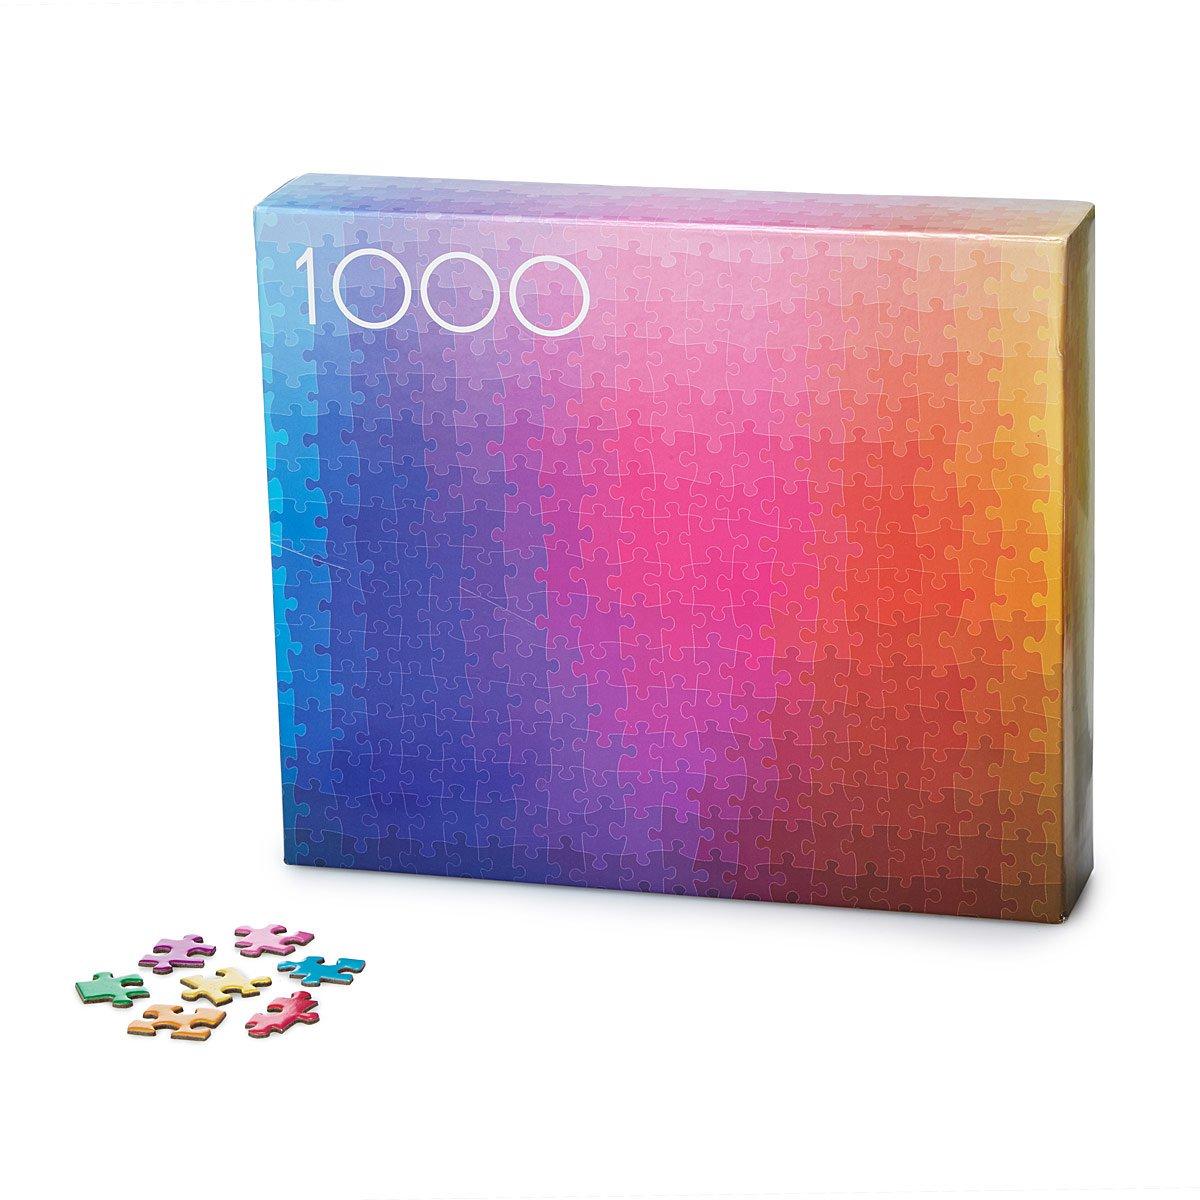 1000 Colors Puzzle | Creative Puzzles